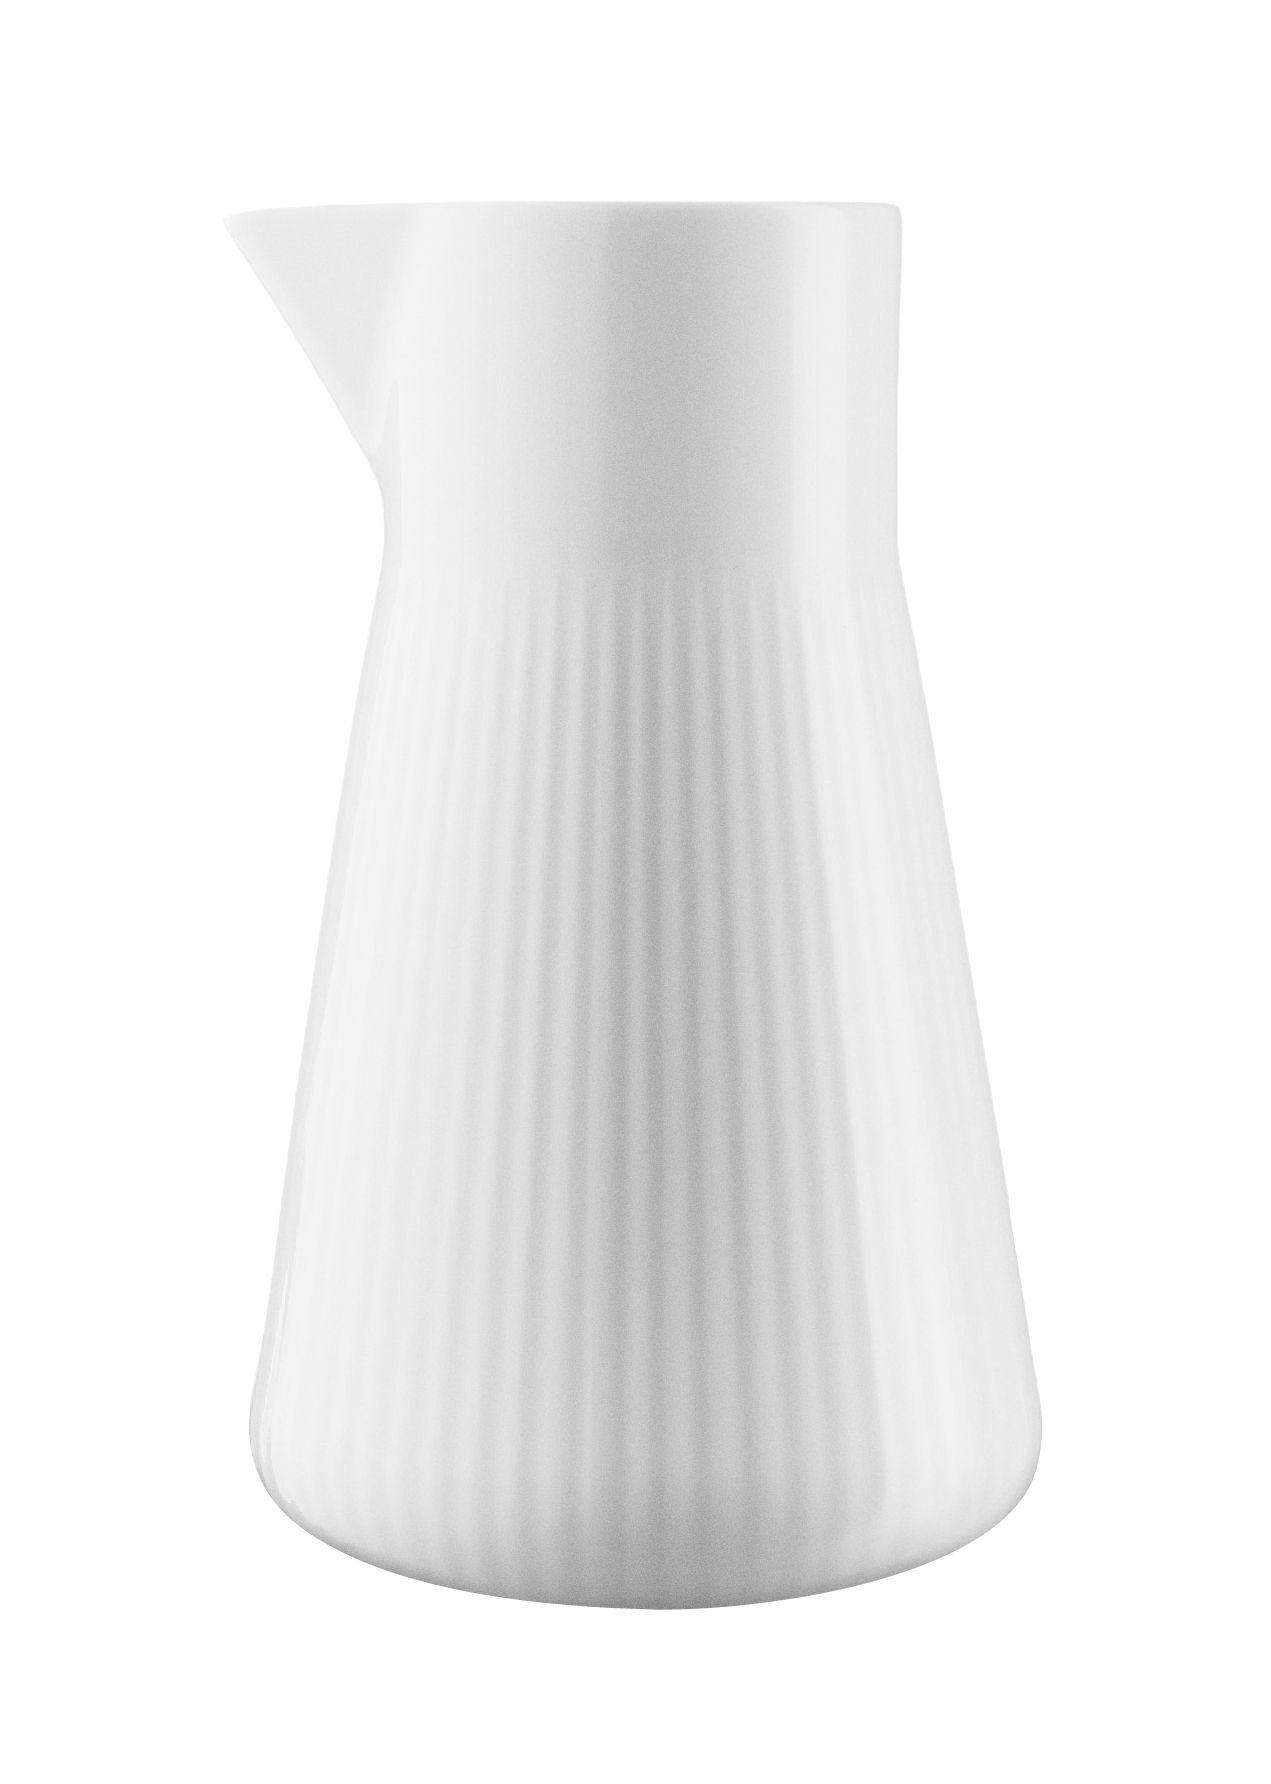 Tavola - Caffè - Contenitore per il latte Legio Nova /  15 cl - Porcellana - Eva Trio - Bianco - Porcellana di alta qualità